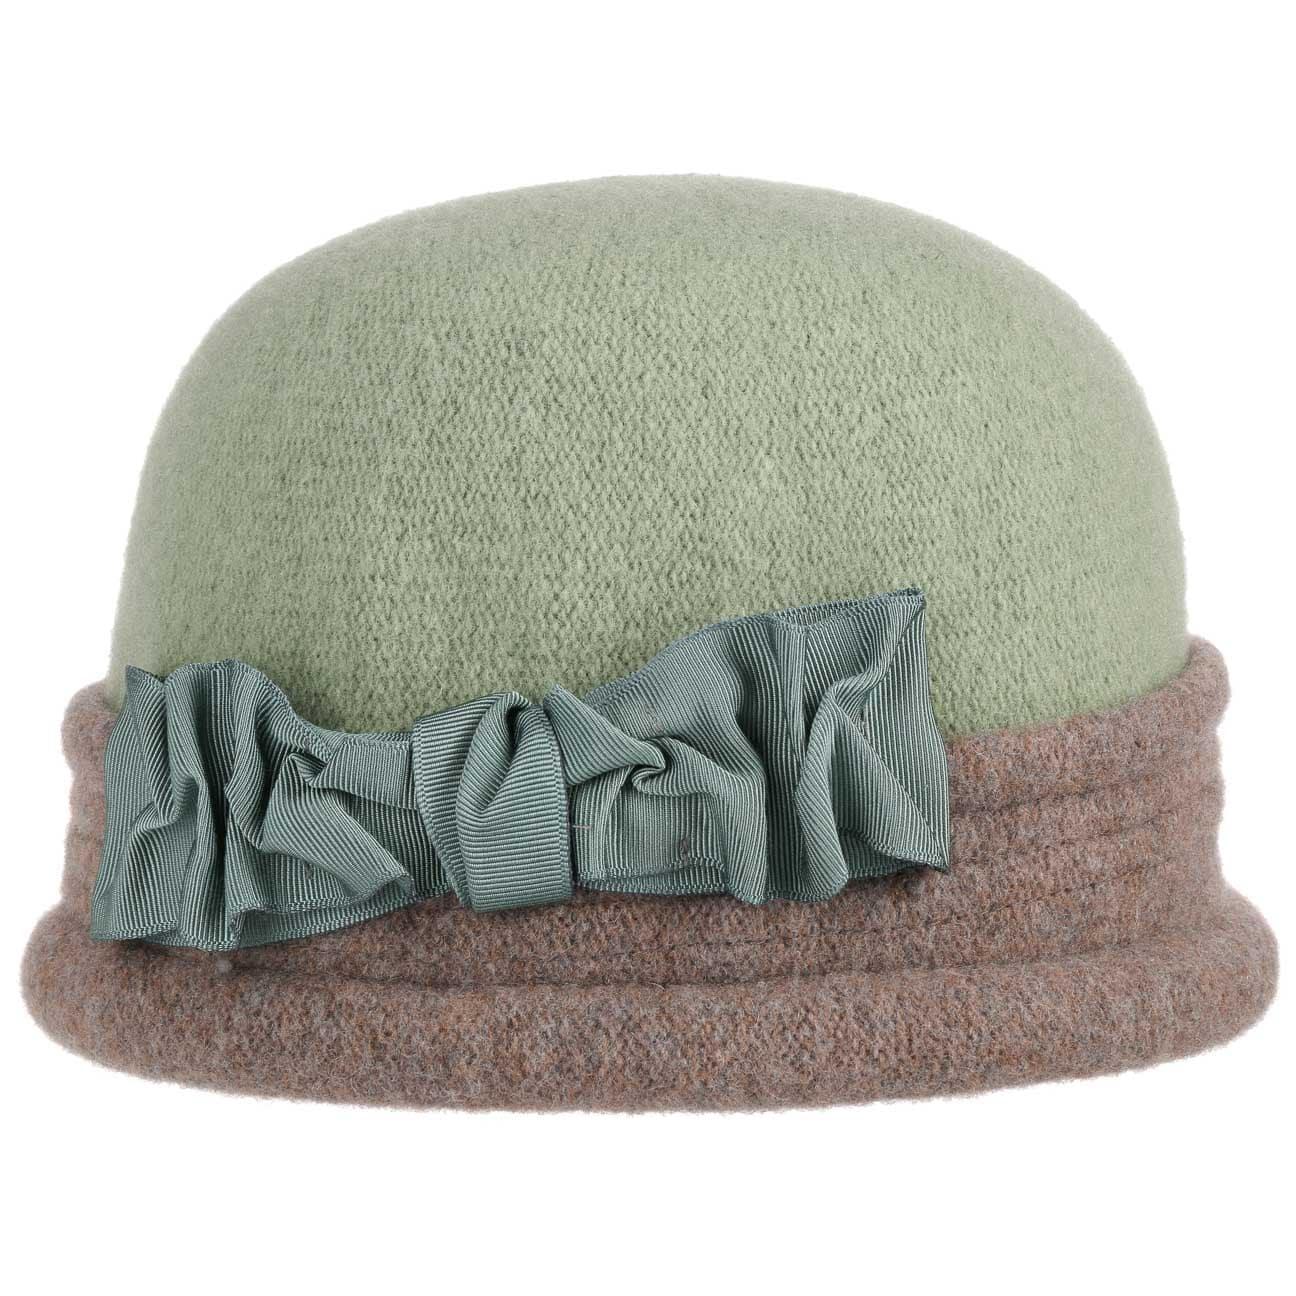 Bonnet Oretka Toque by bedacht  bonnet de laine loden